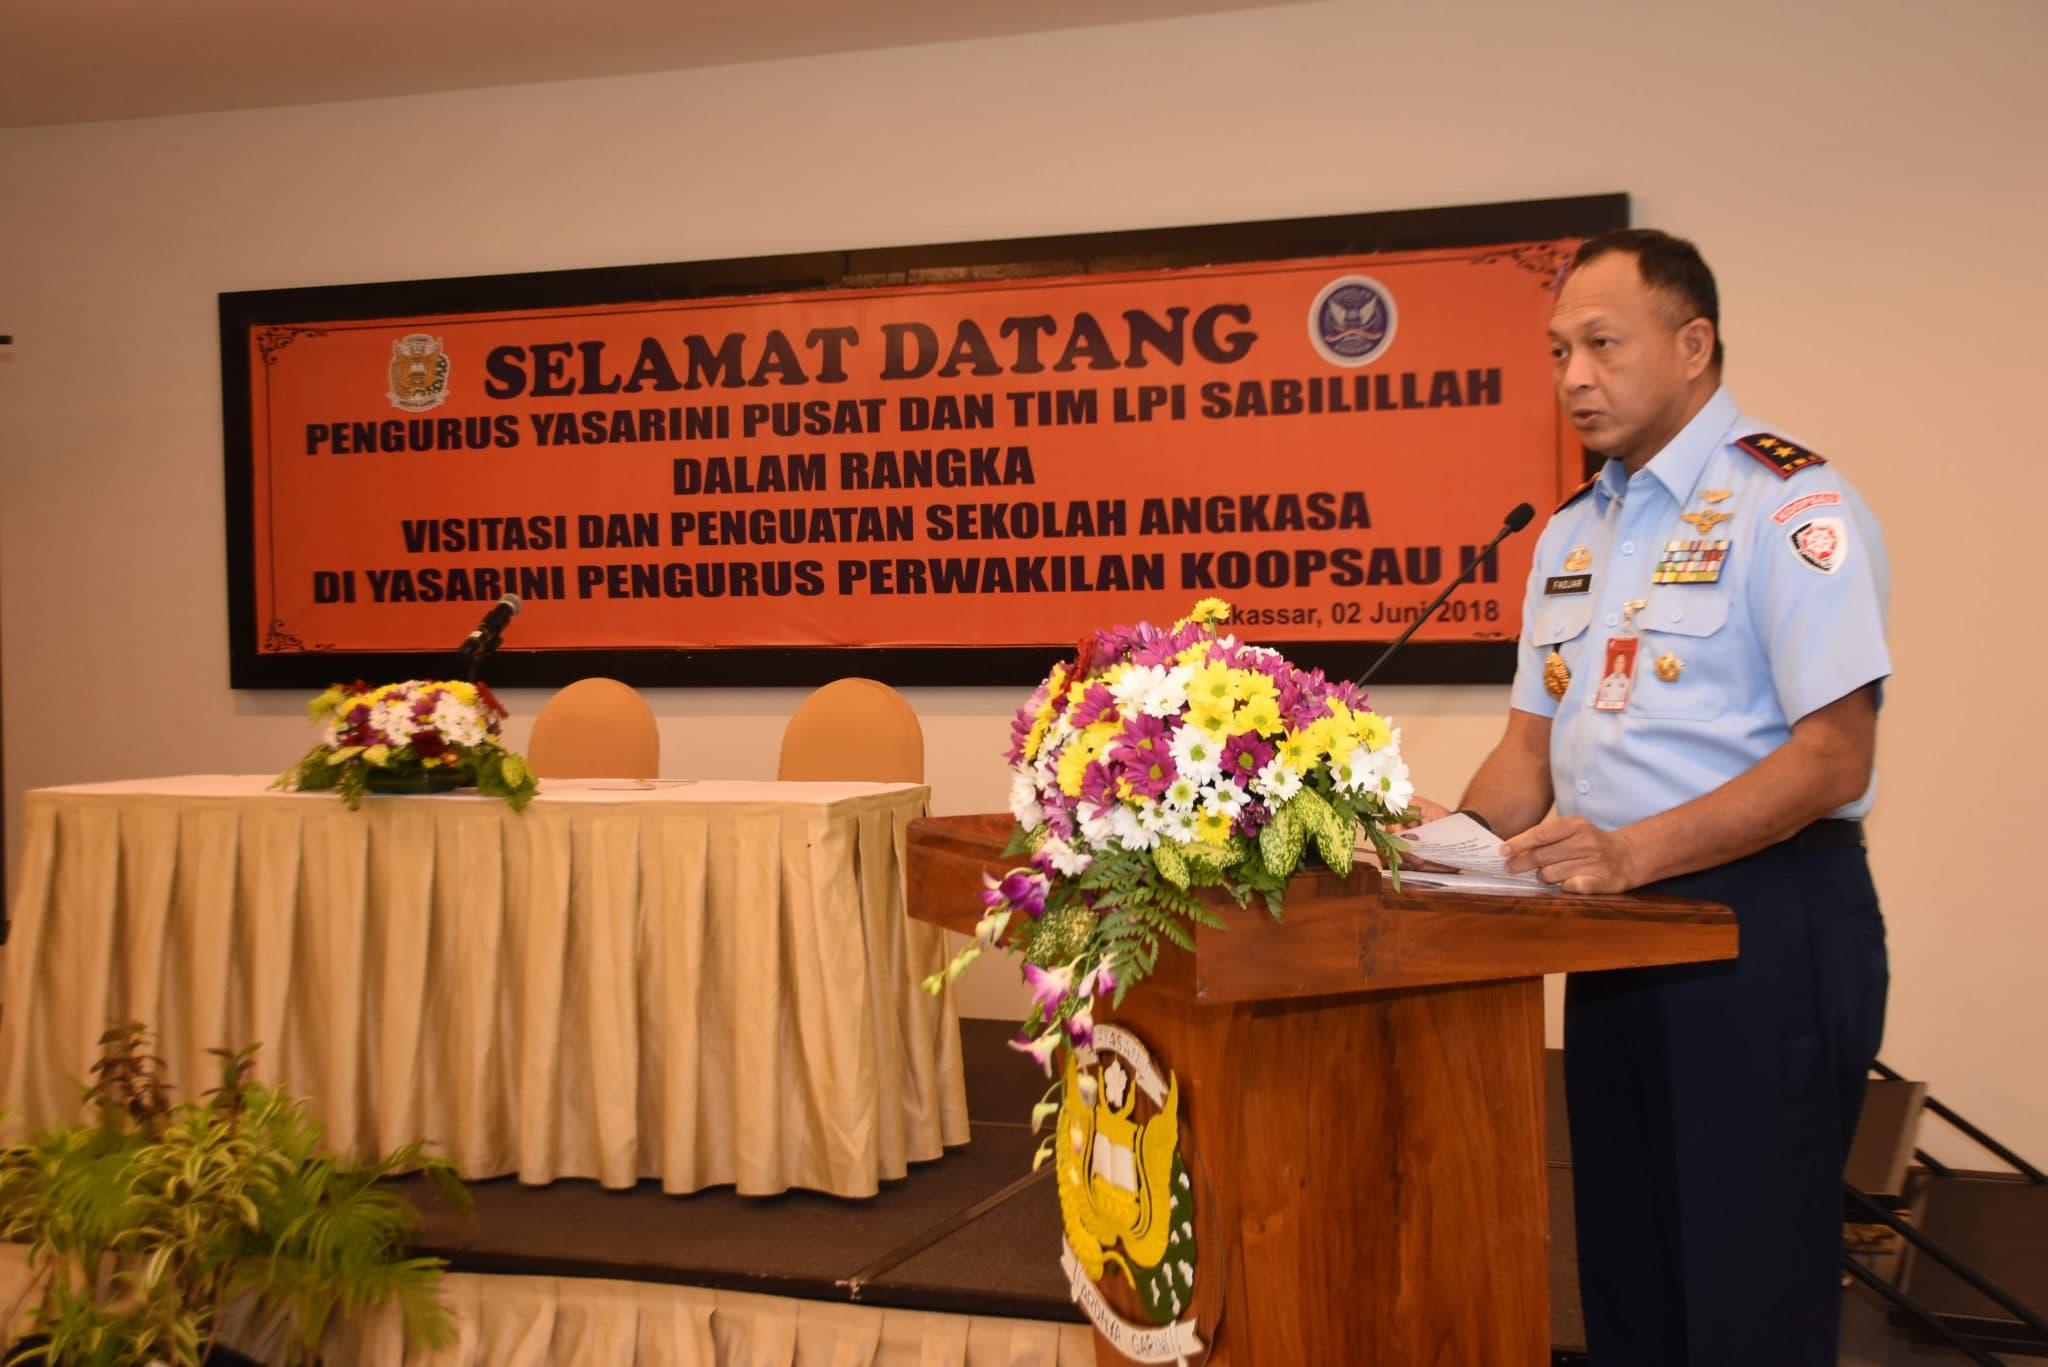 Pangkoopsau II Buka Acara Workshop Visitasi Yasarini Di Makassar